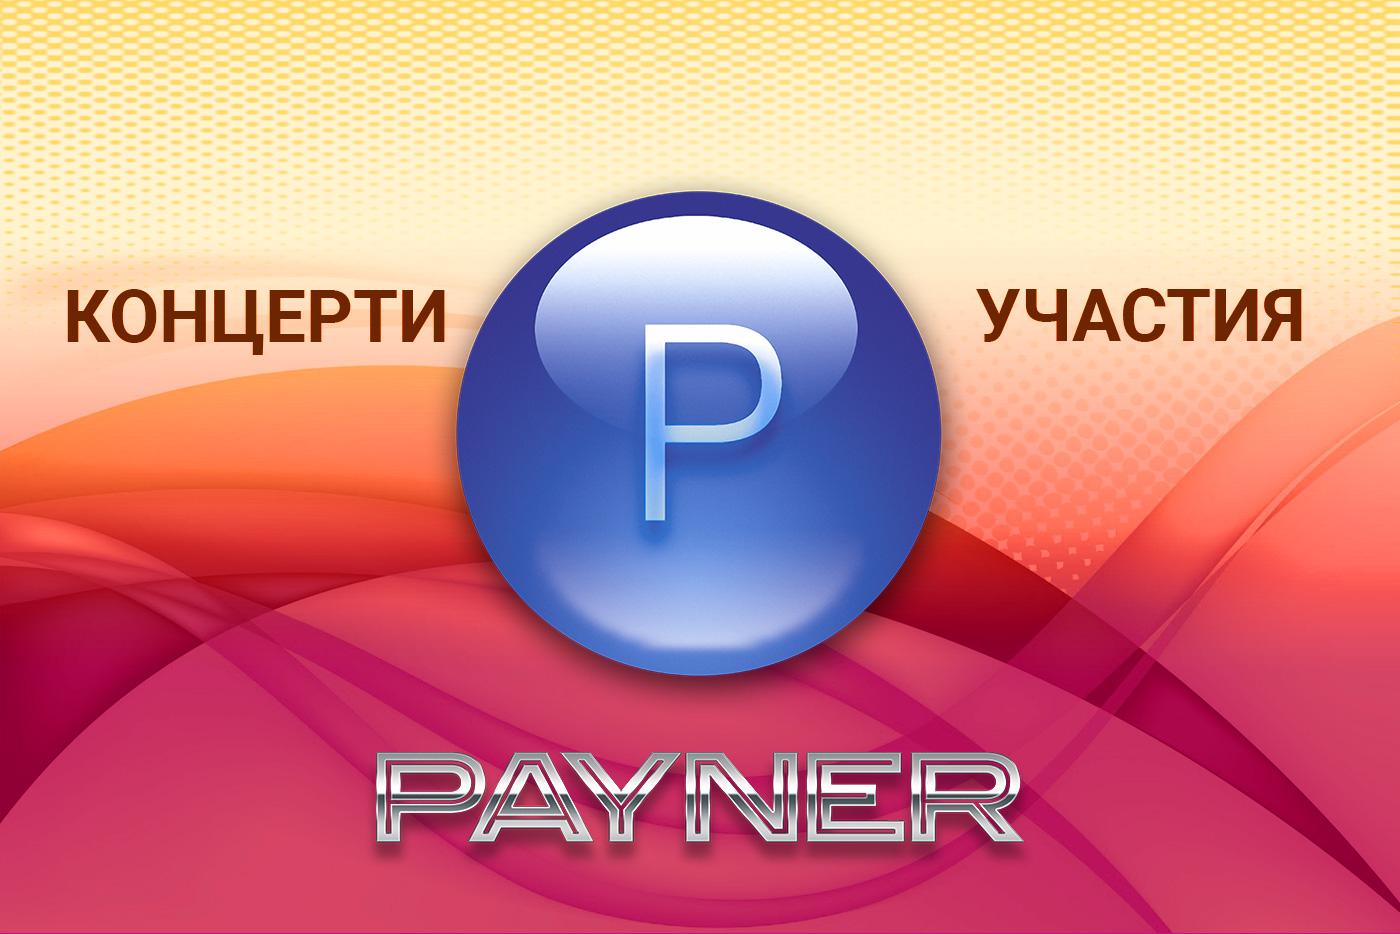 """Участия на звездите на """"Пайнер"""" на 15.12.2018"""